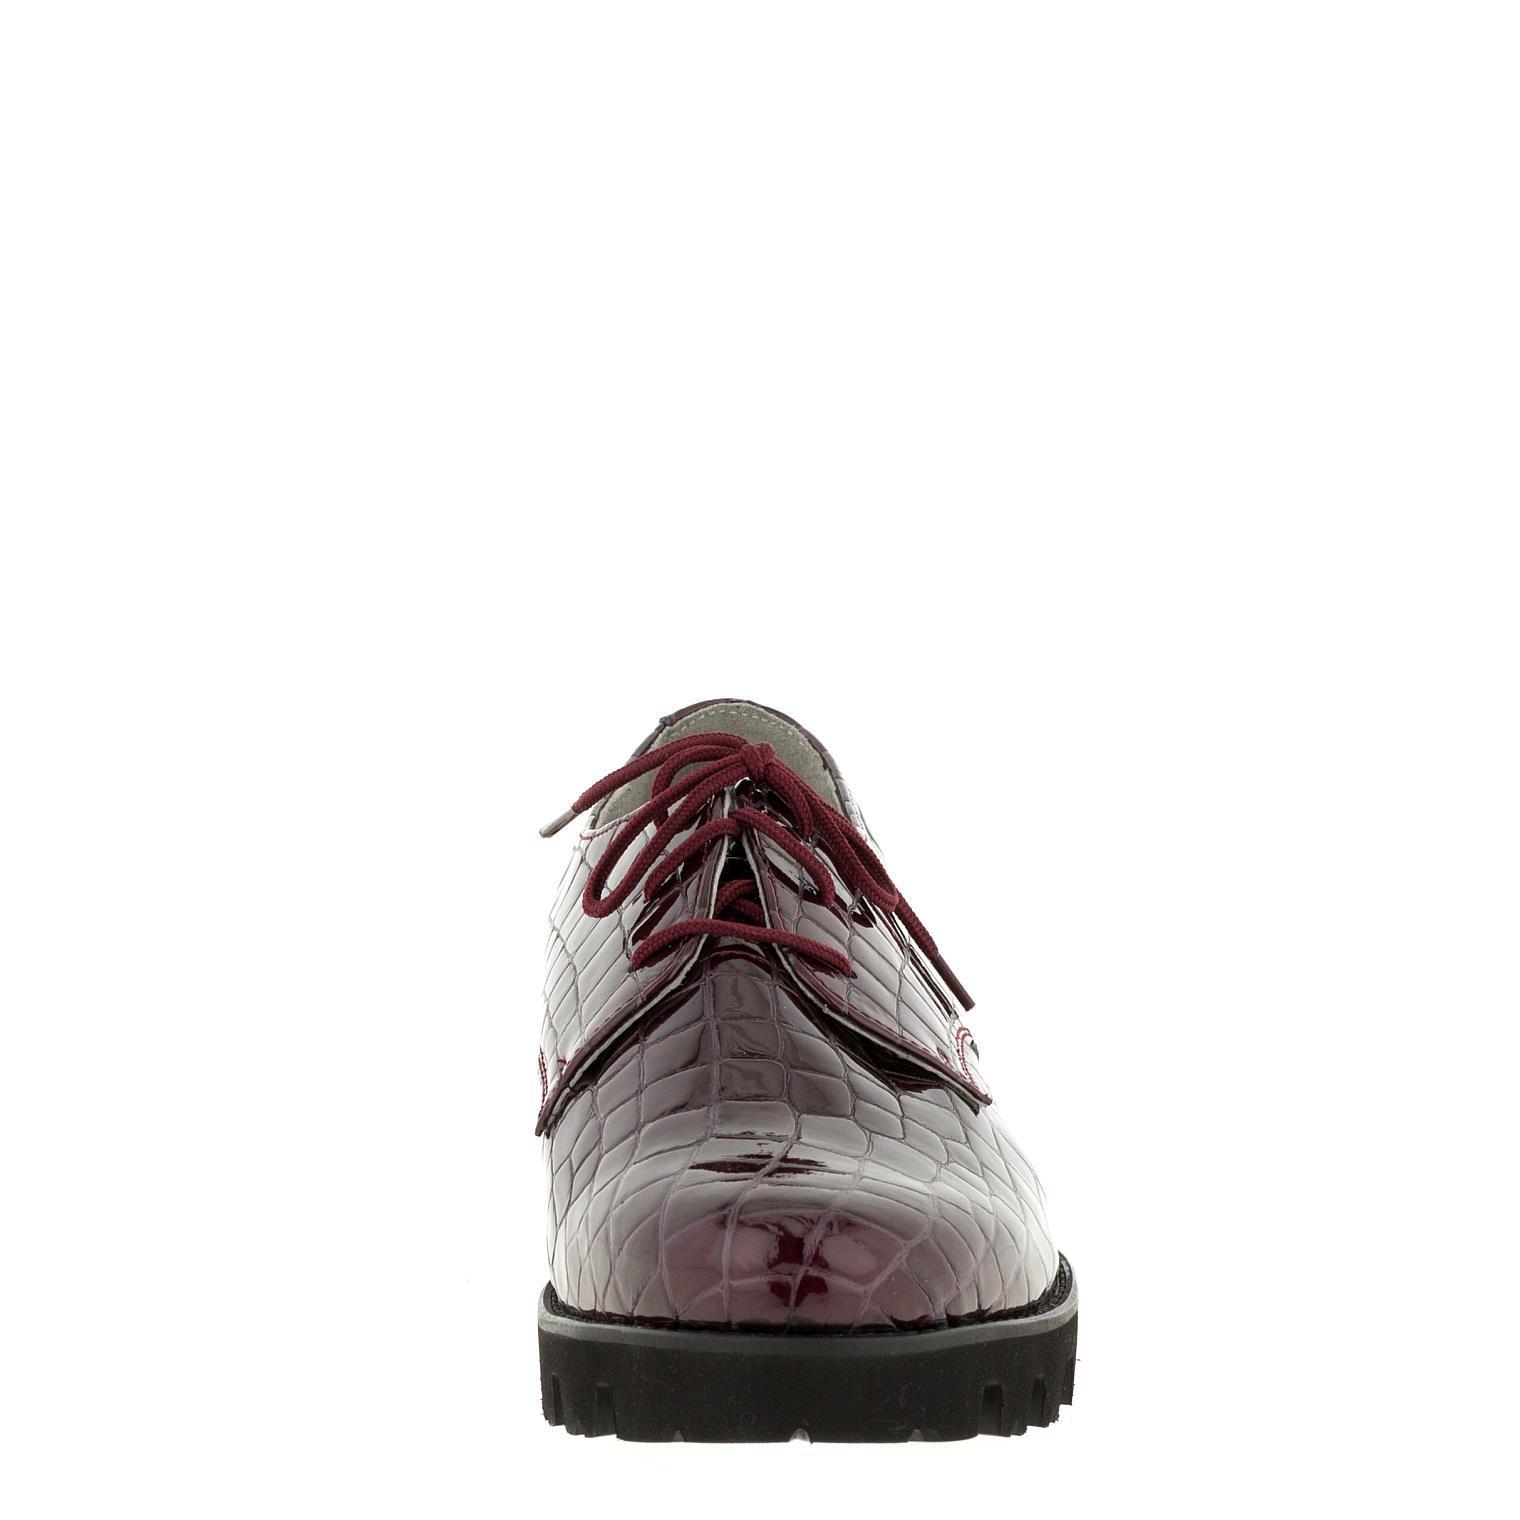 633269 туфли женские больших размеров марки Делфино